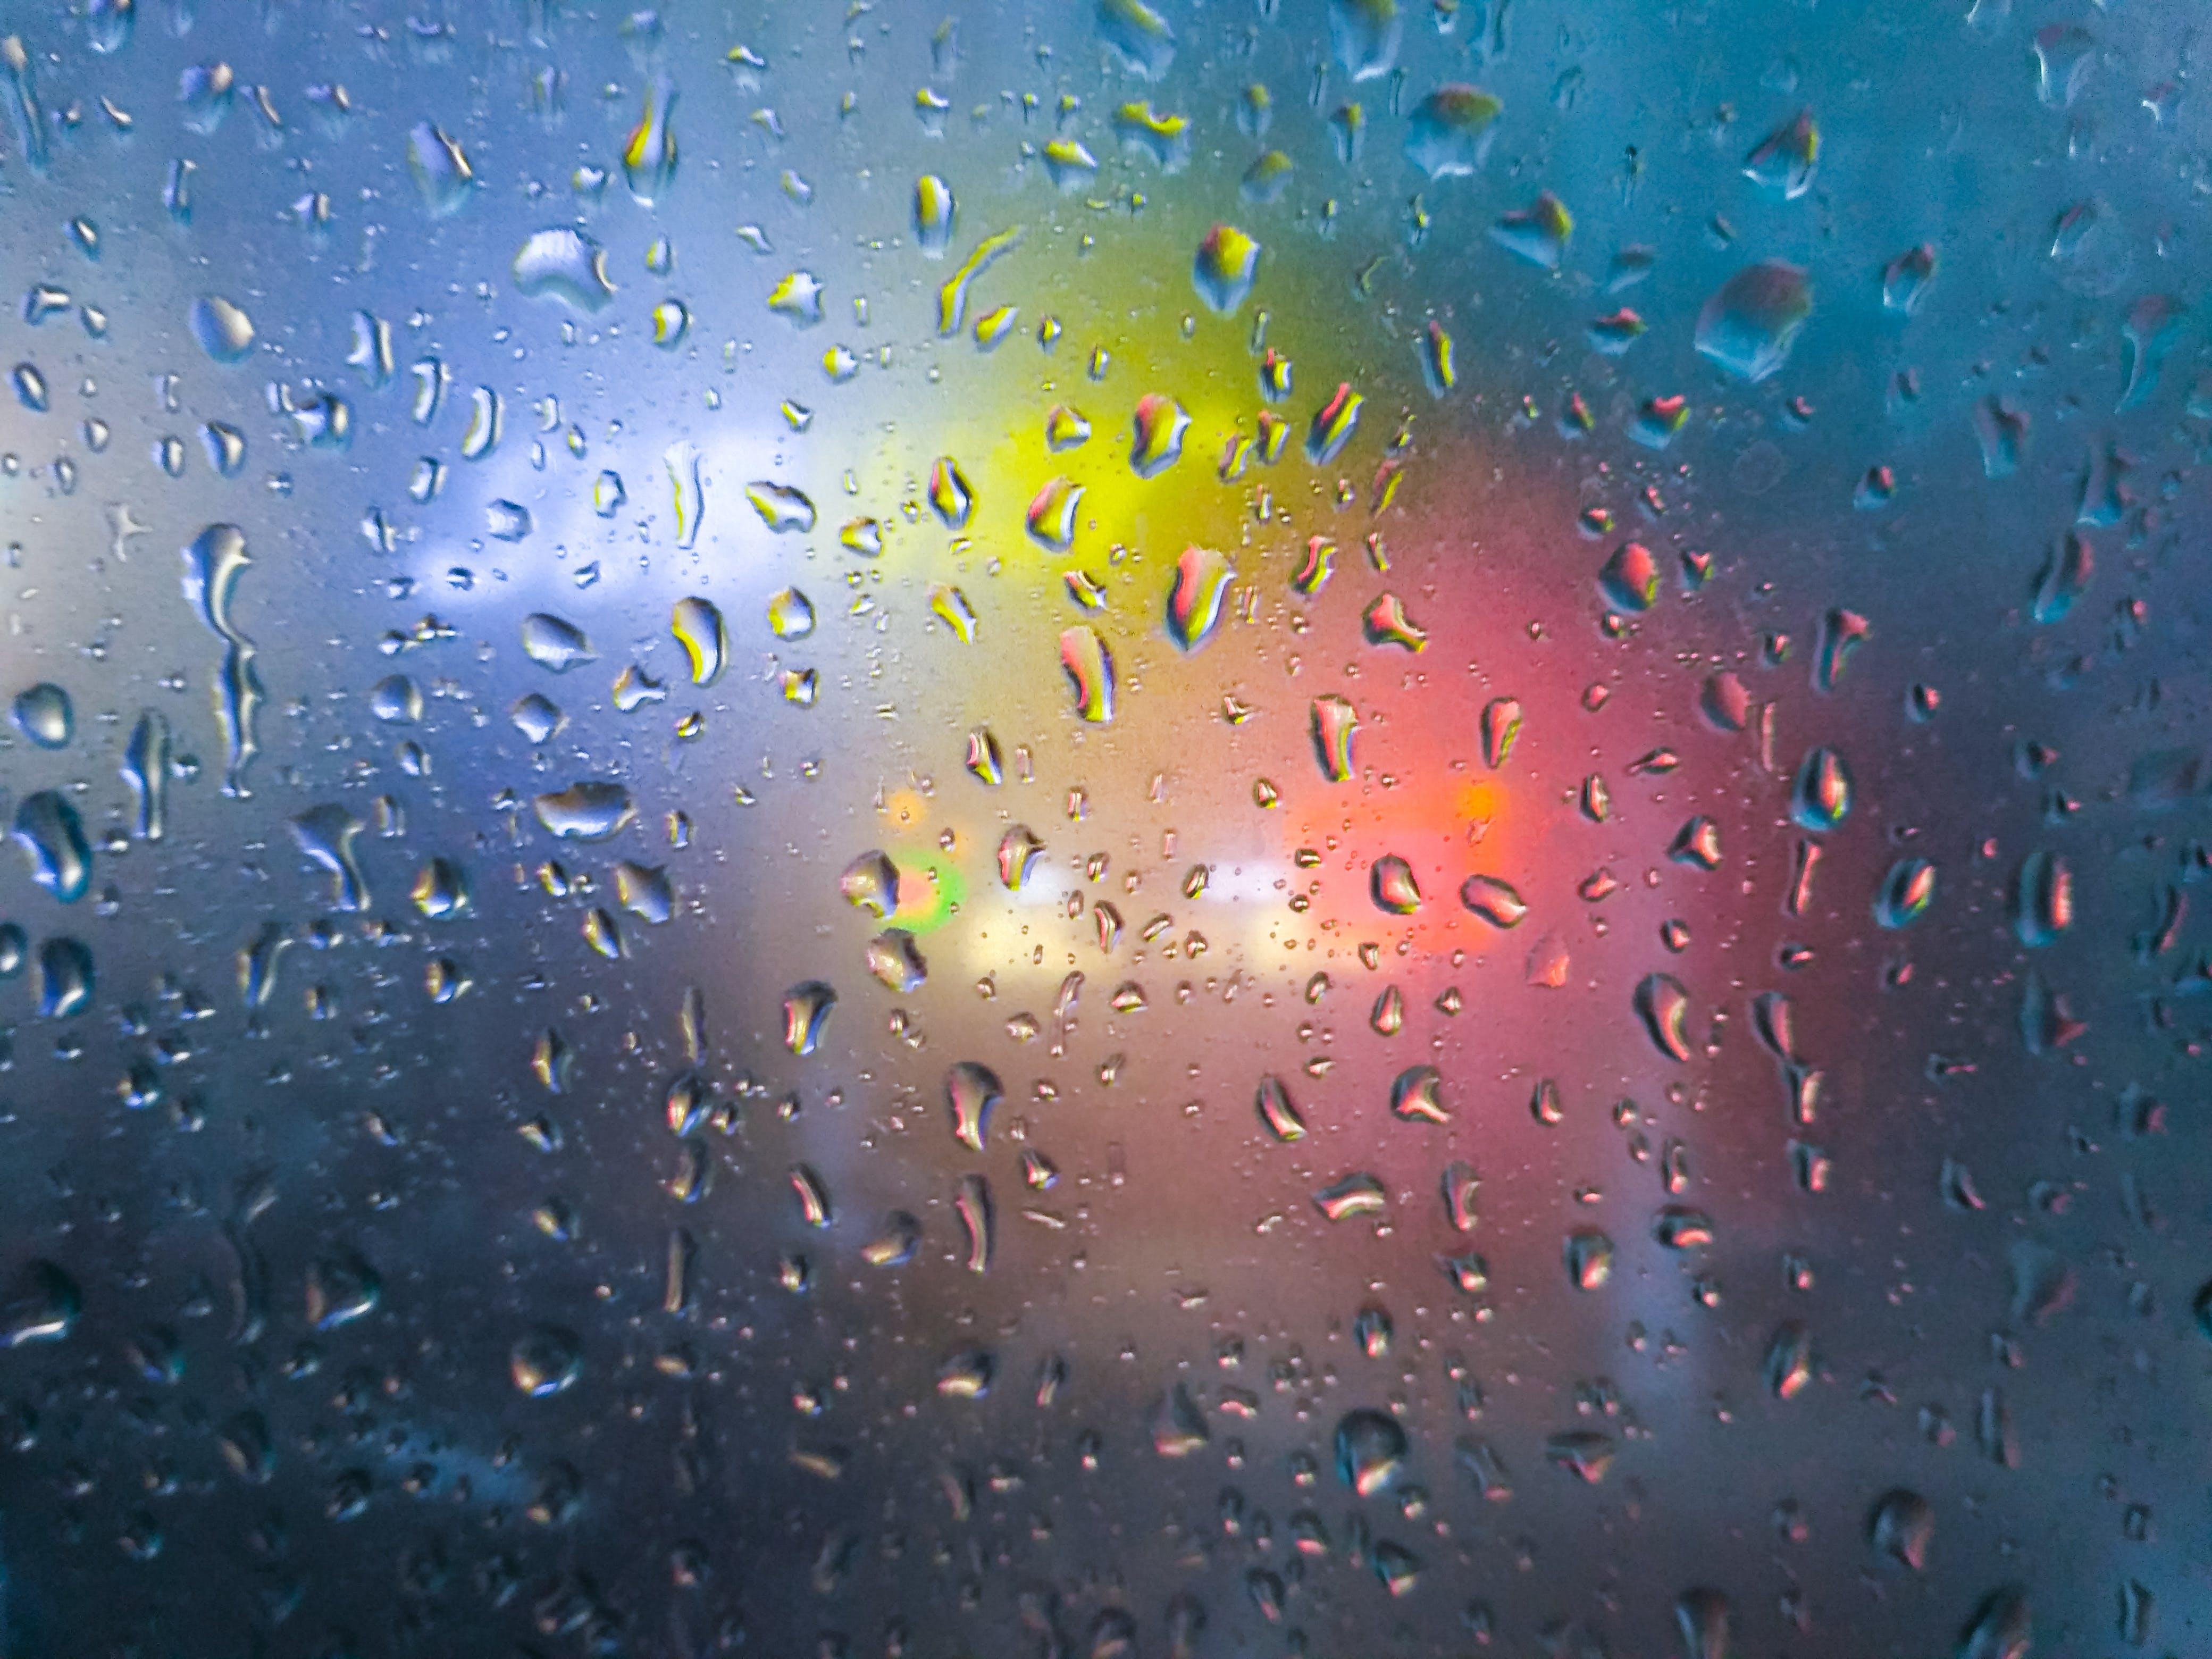 비 내린 후, 빗방울, 지하철의 무료 스톡 사진